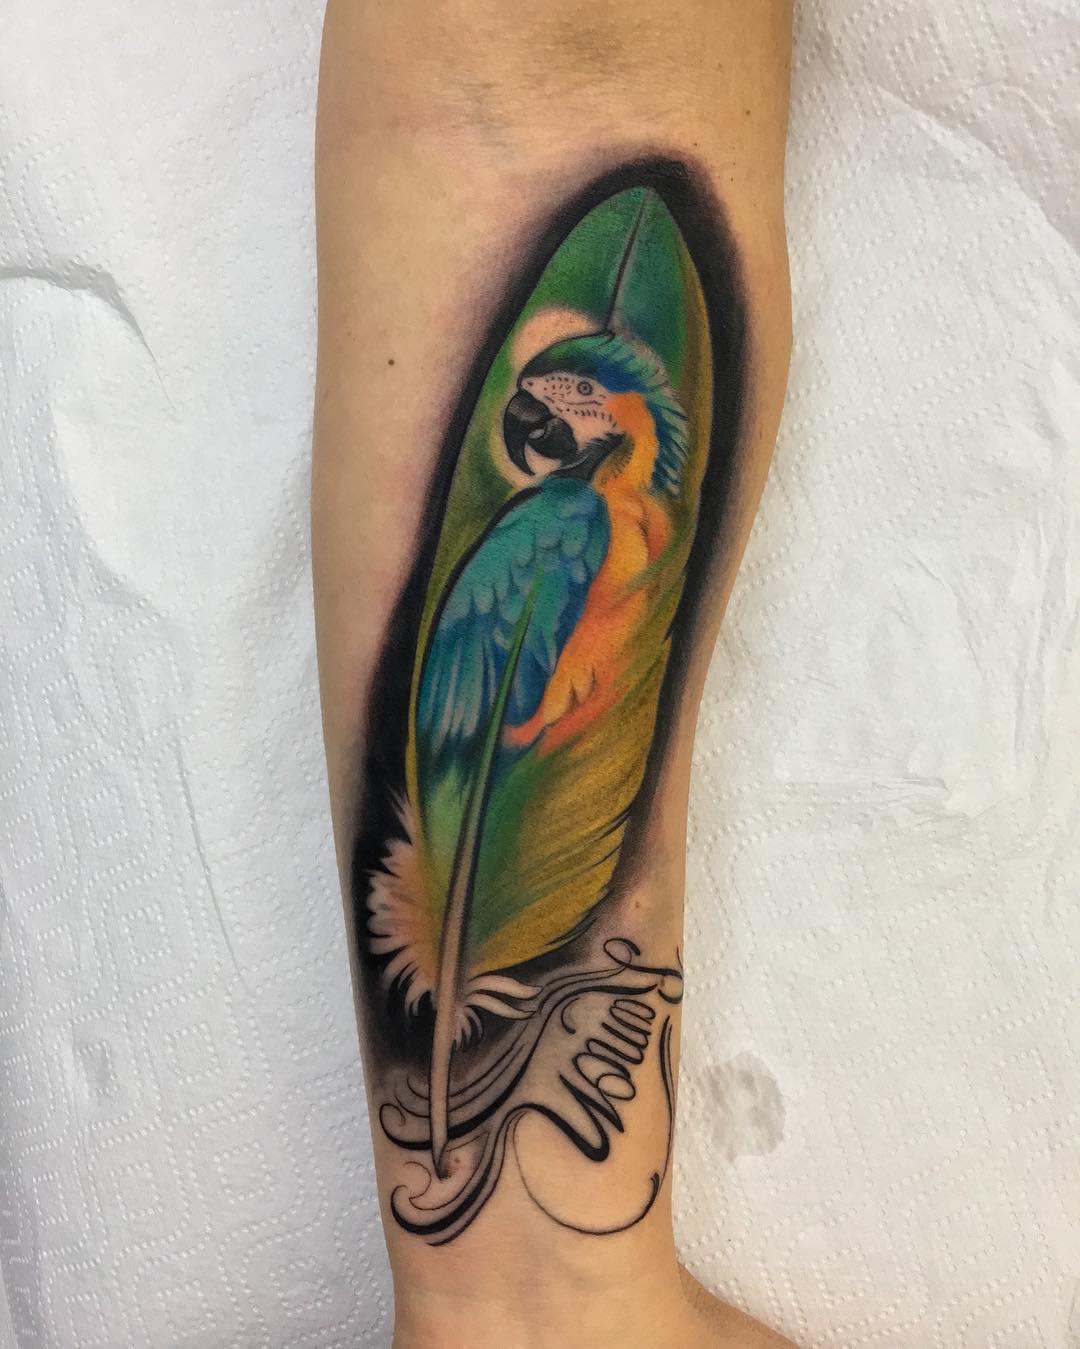 西安江林新城做建筑工程师的曹先生小臂羽毛鹦鹉英文字纹身图案